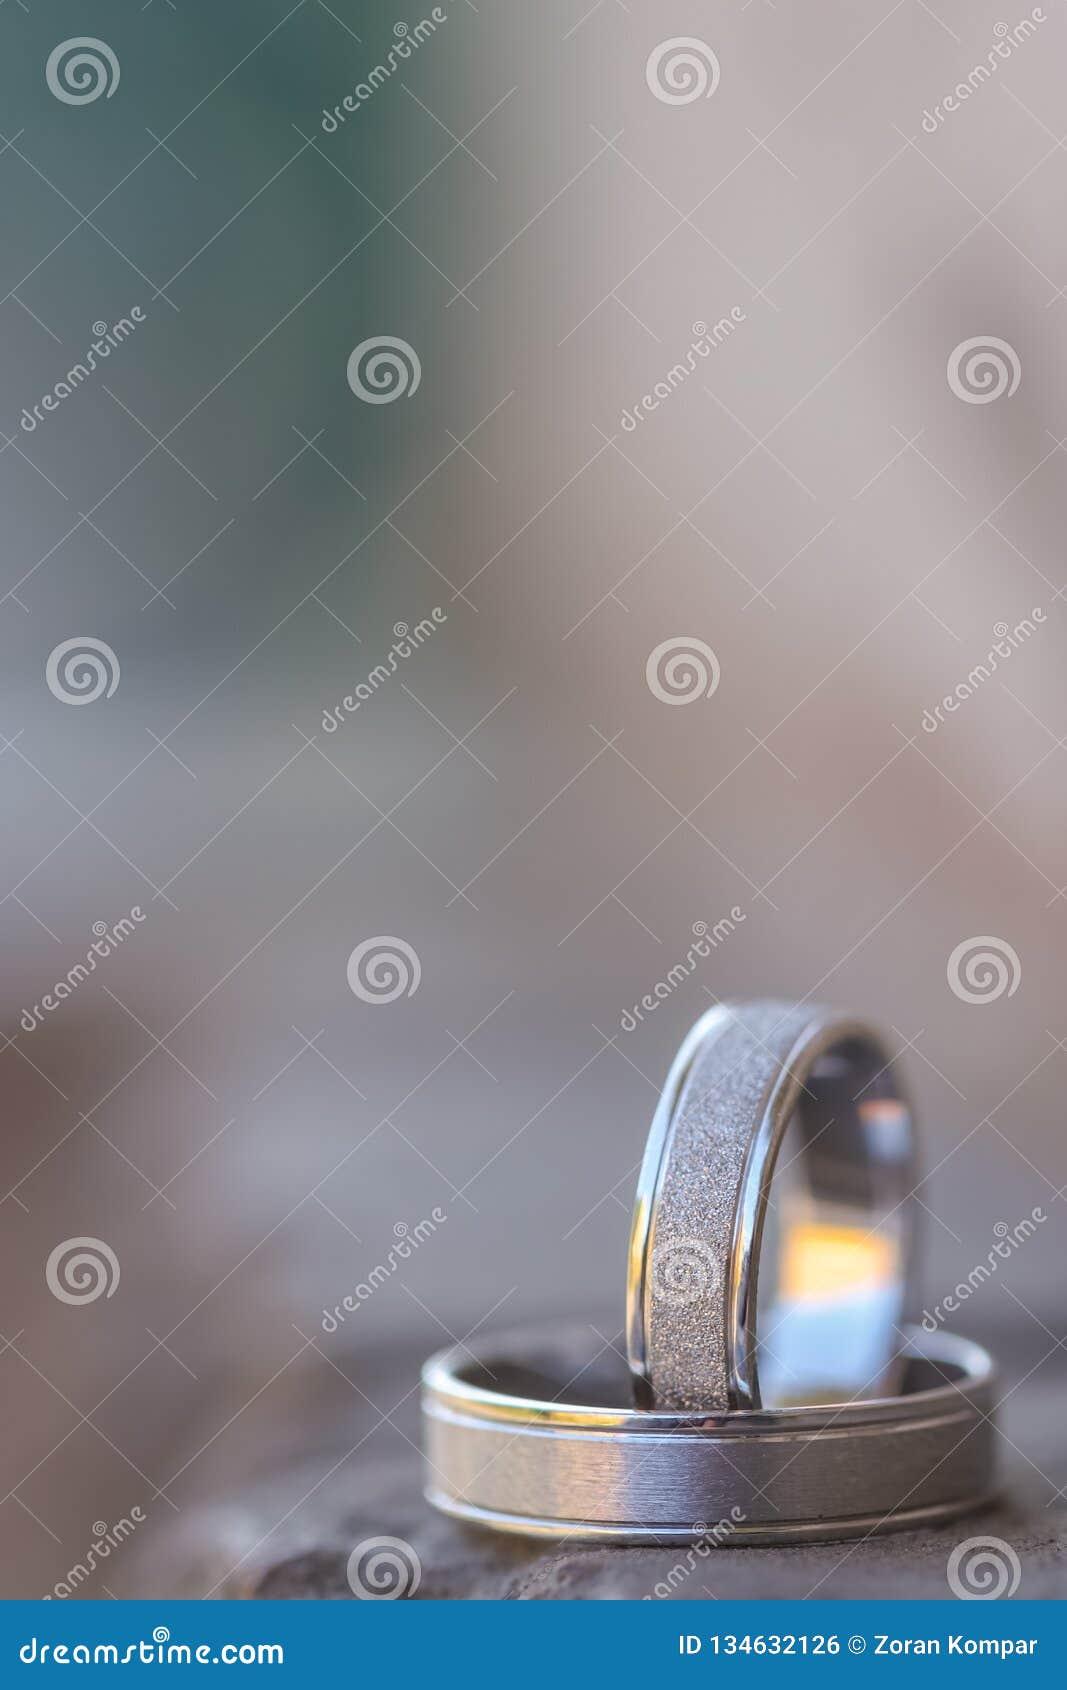 Białego złota obrączek ślubnych stojak na czarnej skale zamazujący tło